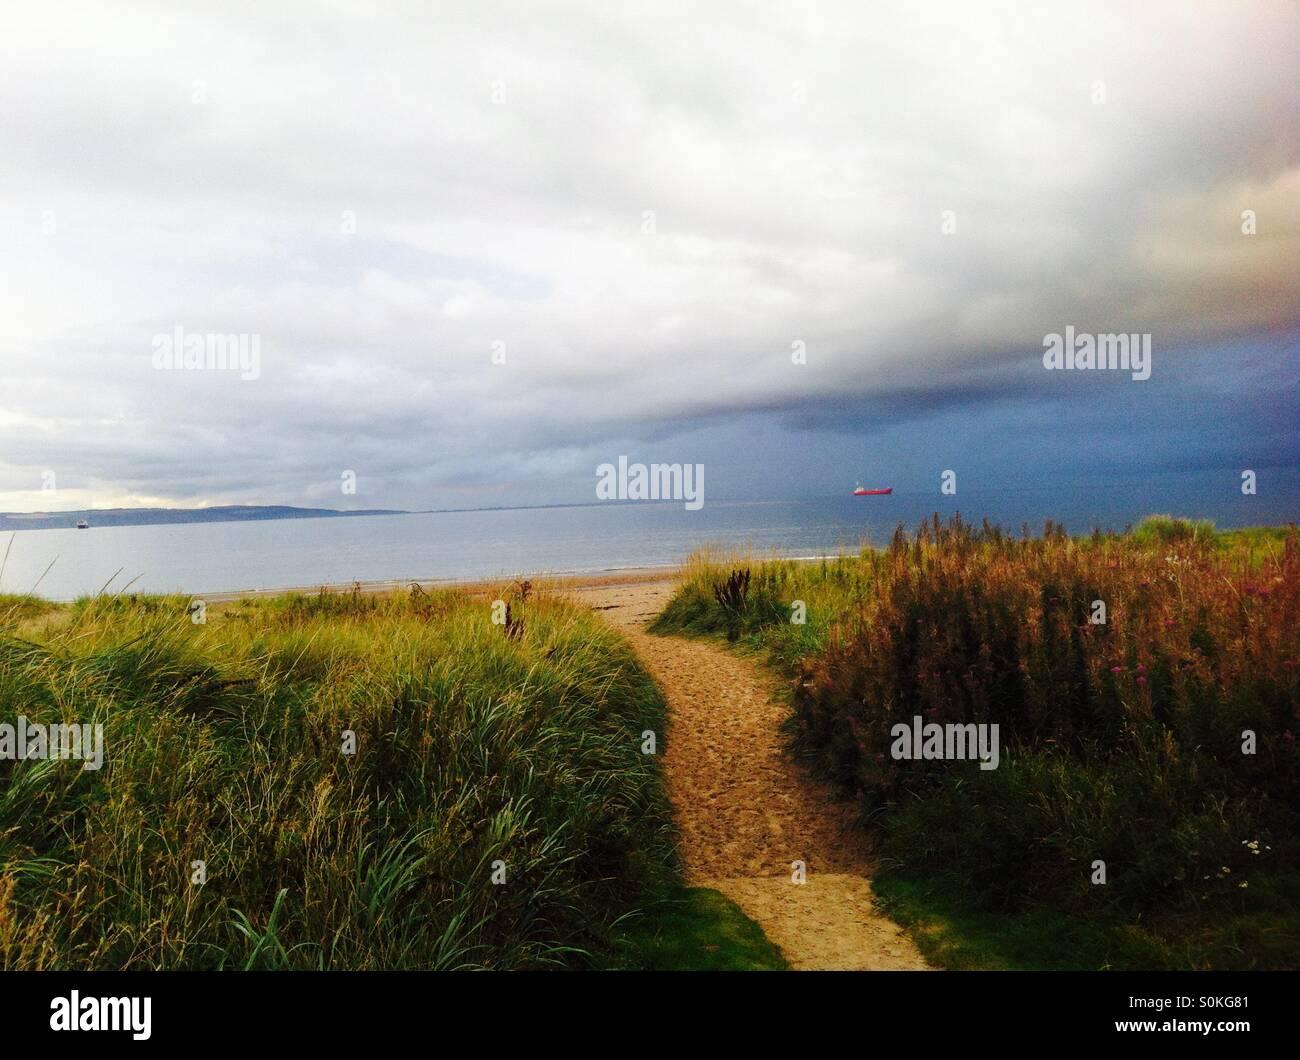 Nairn Beach - Stock Image